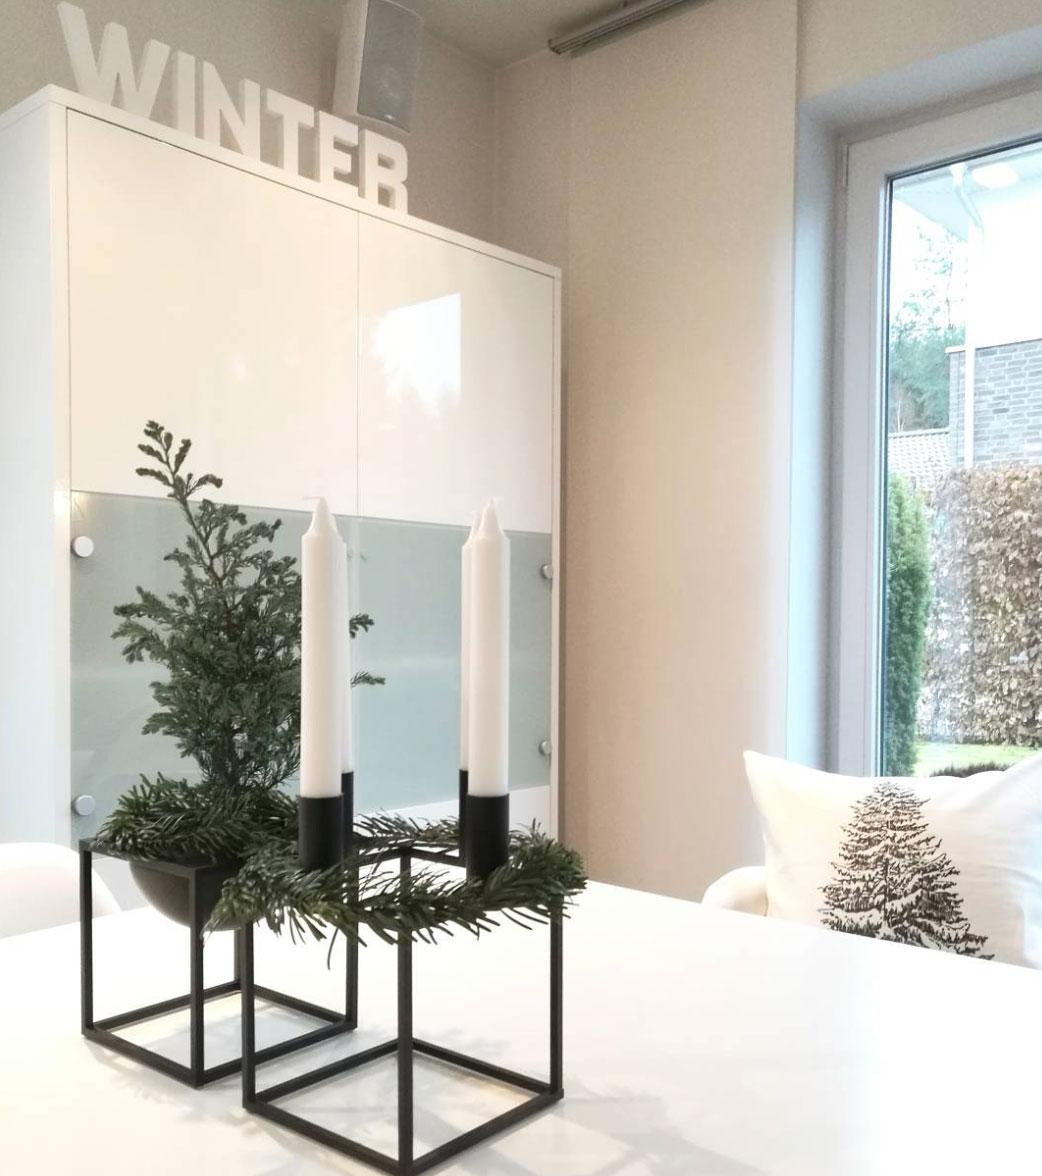 die sch nsten adventskranzideen und alternativen zum adventskranz wohnkonfetti. Black Bedroom Furniture Sets. Home Design Ideas